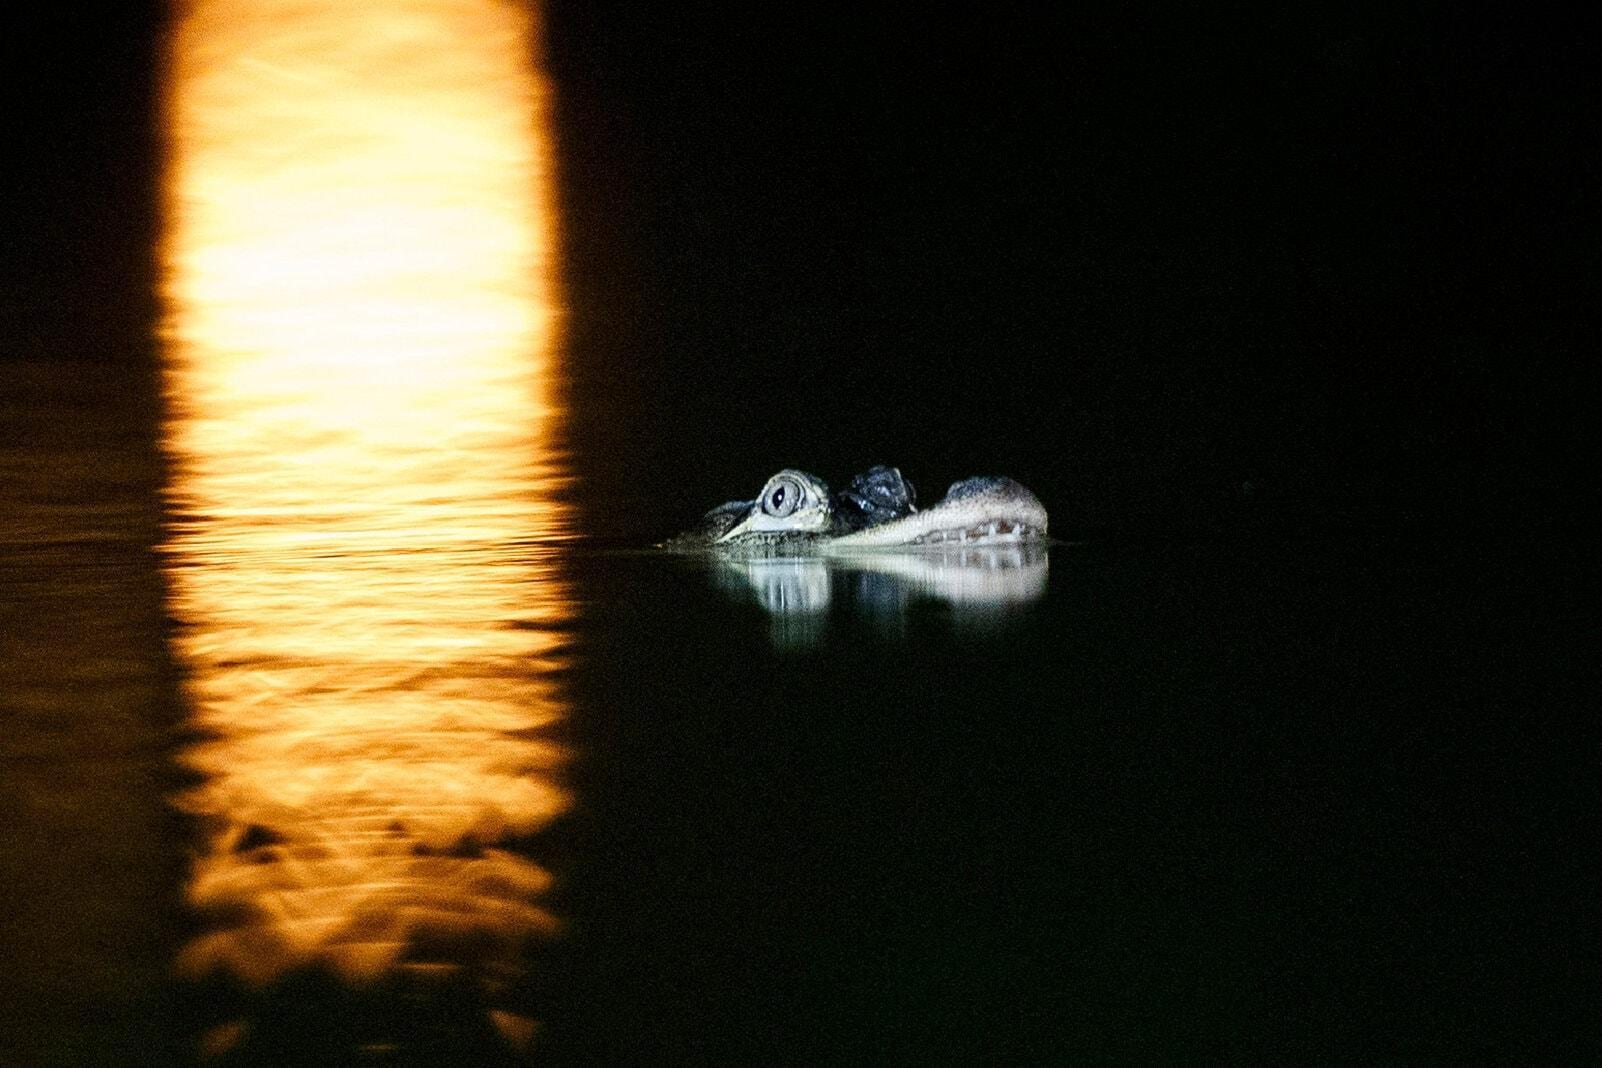 Alligator Humboldt Park Lagune Chicago